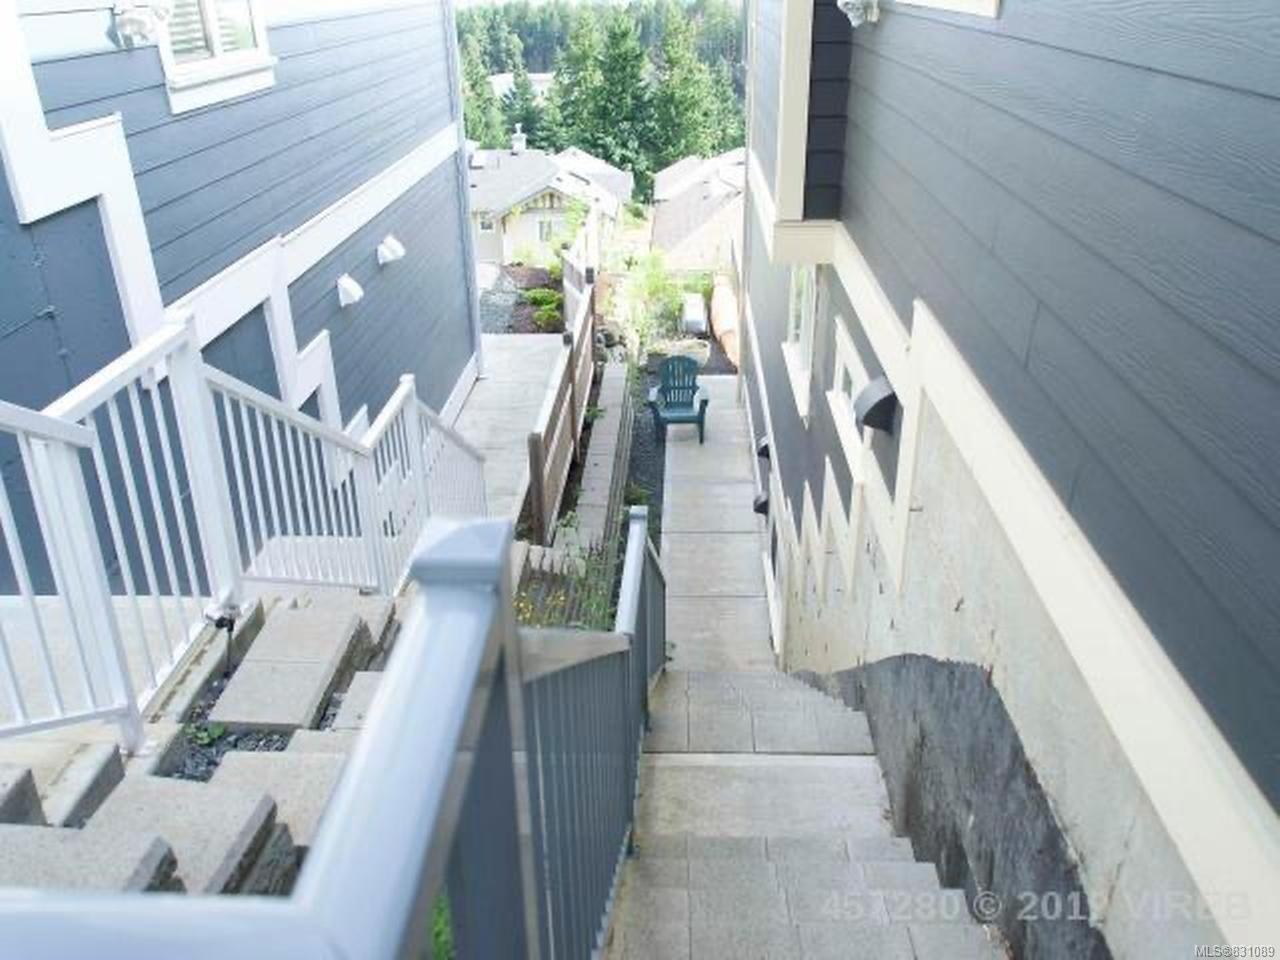 Photo 8: Photos: 4534 Laguna Way in NANAIMO: Na North Nanaimo House for sale (Nanaimo)  : MLS®# 831089